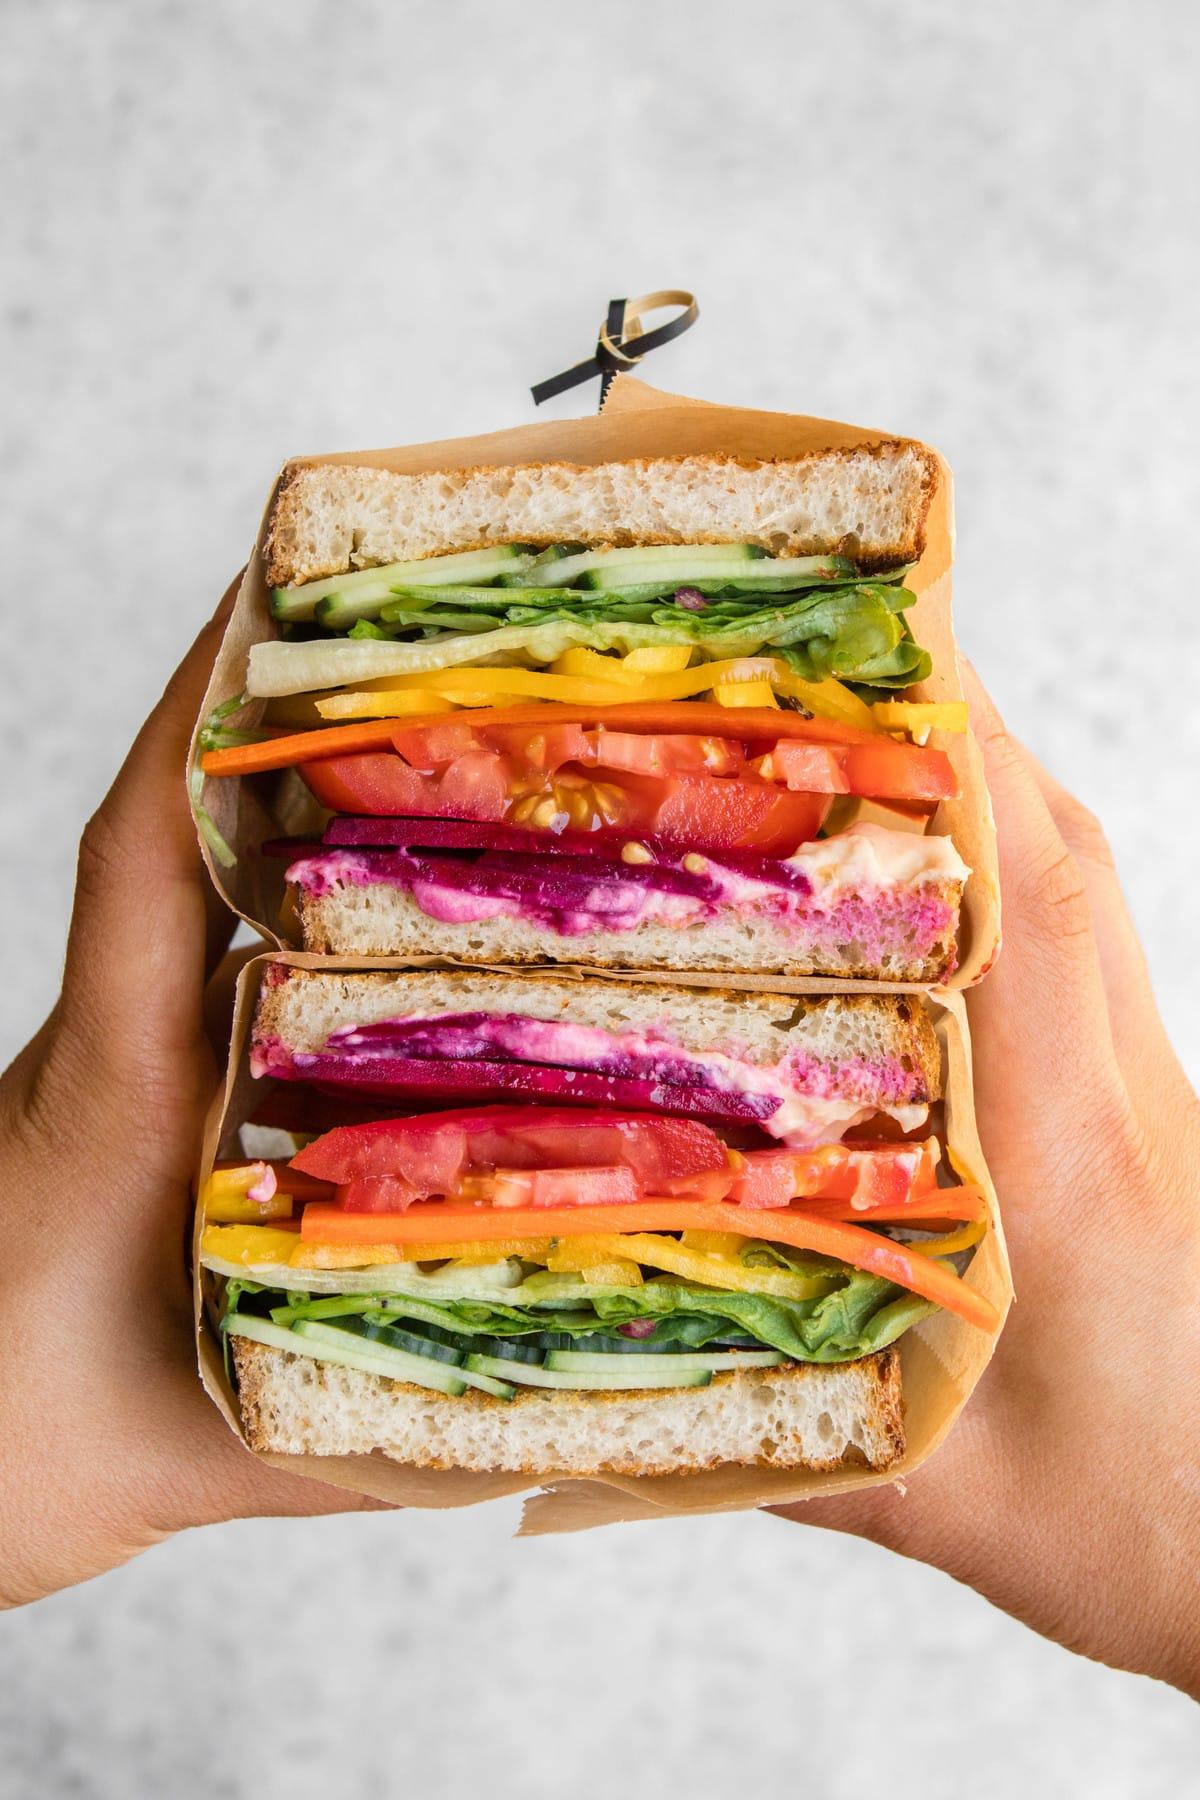 hands holding rainbow veggie sandwich cut in half